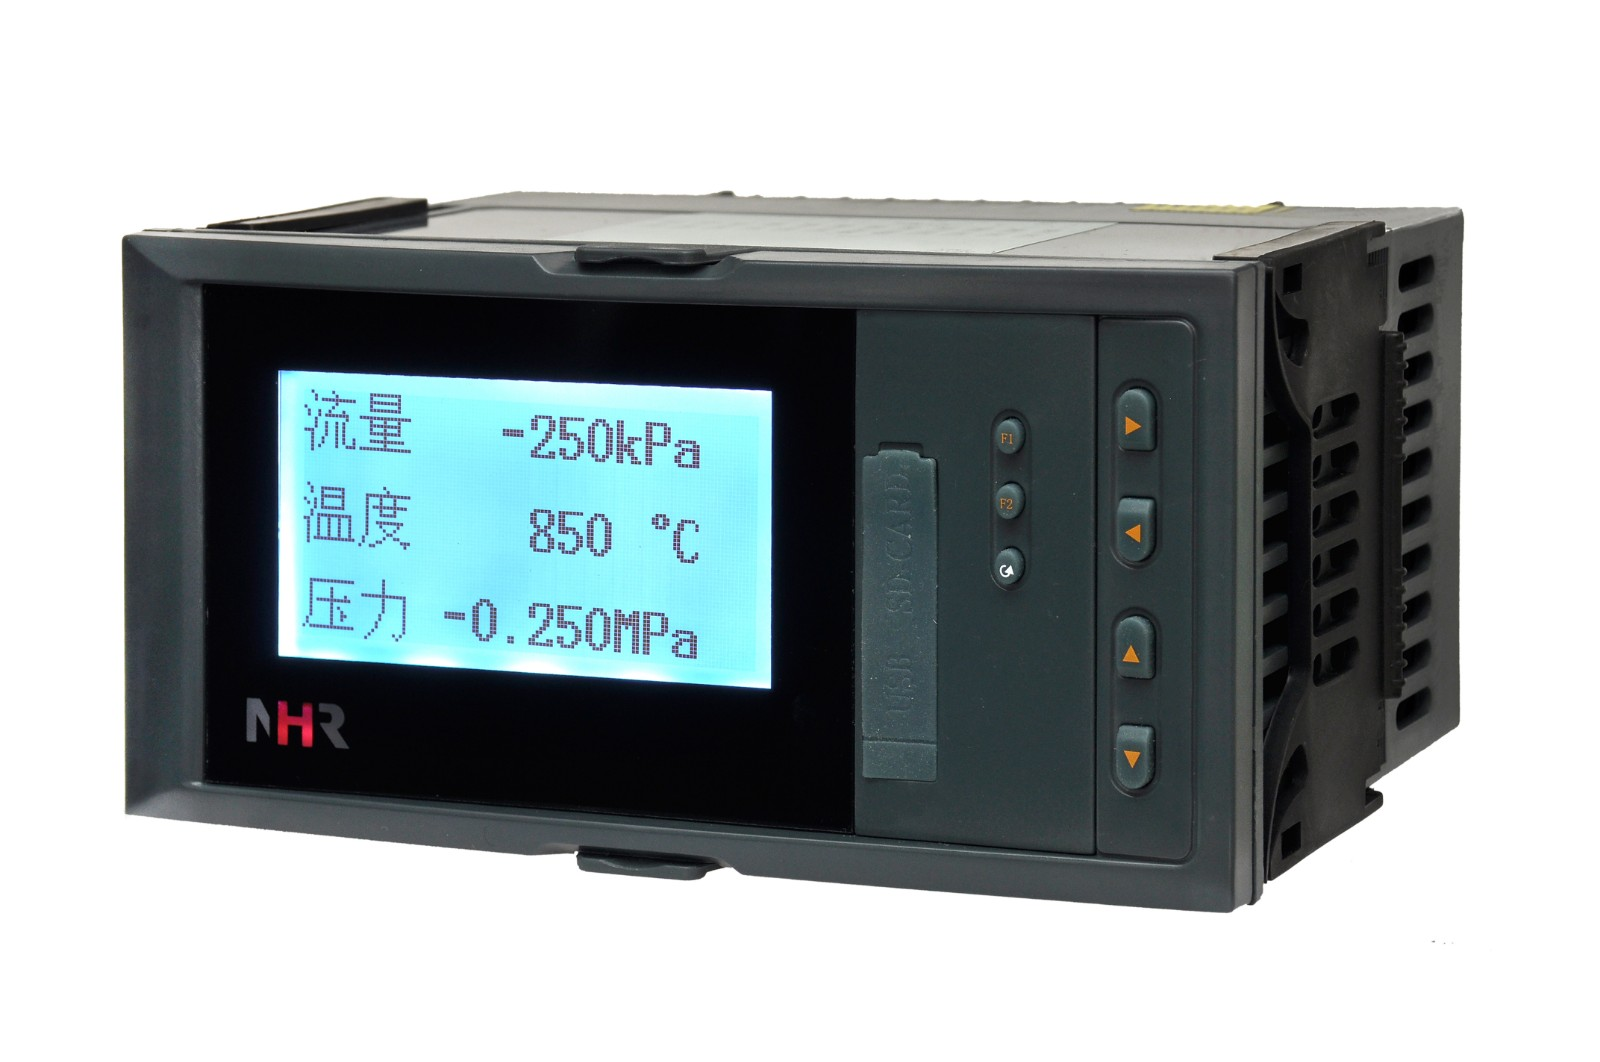 我们推荐虹润仪表原厂正品_虹润仪表价格相关-上海速坤仪器仪表有限公司